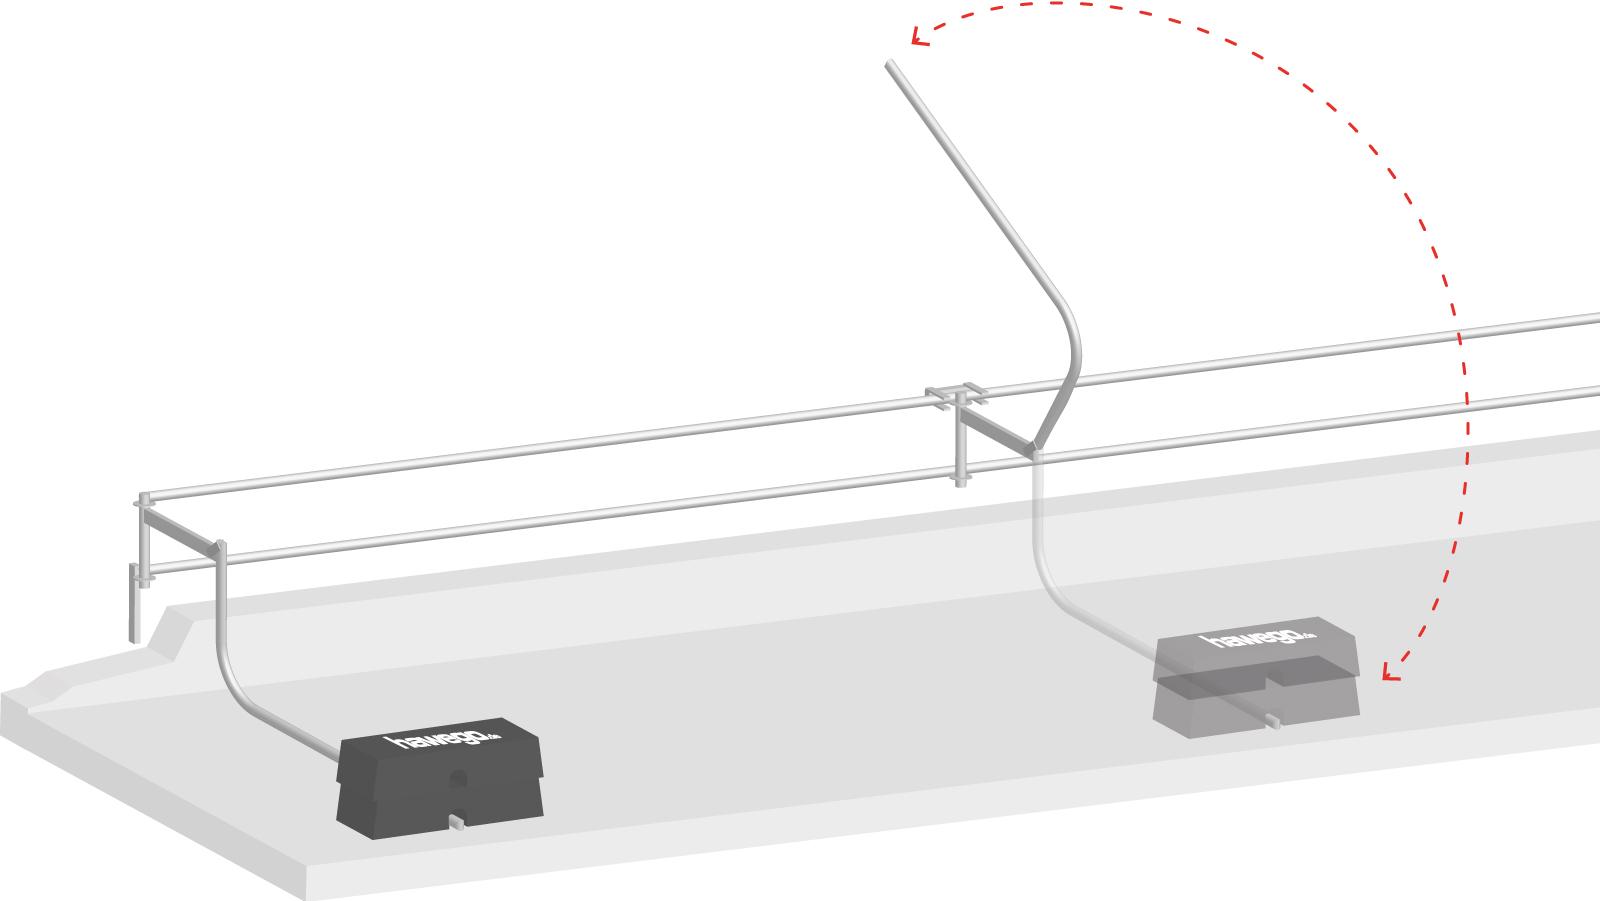 Layher Flachdach Seitenschutz stationär